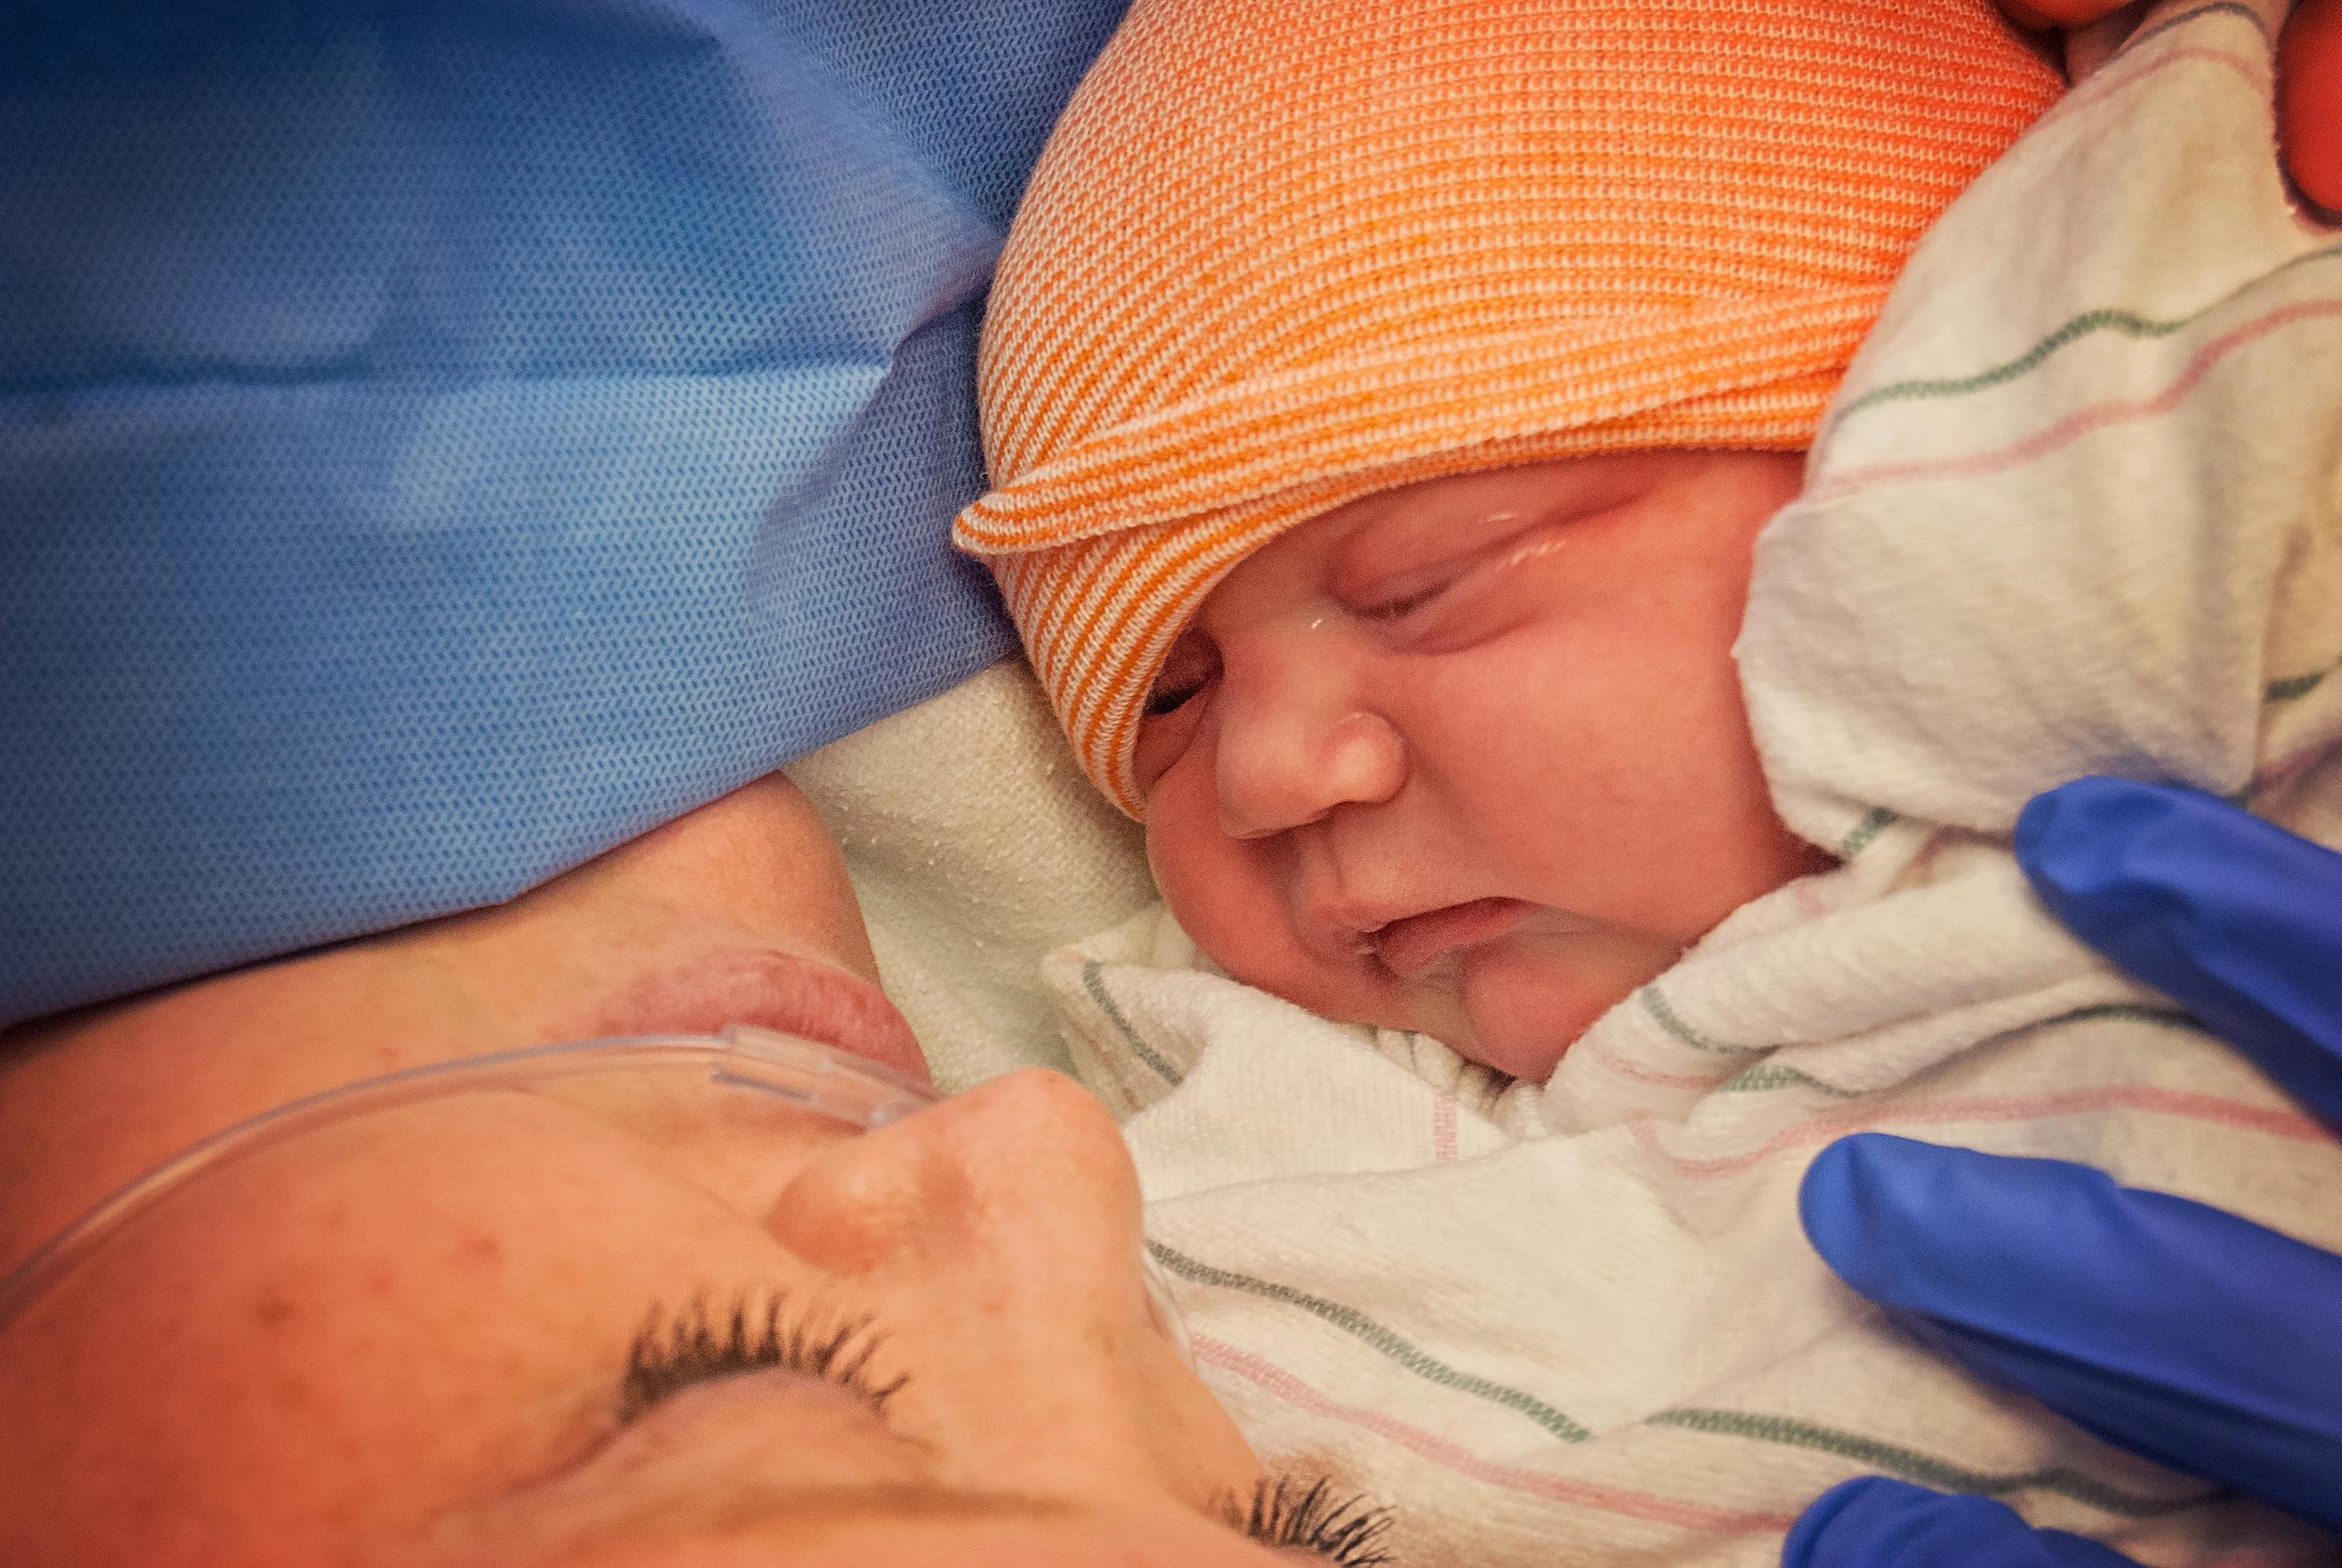 Newborn Baby Rhys & Mommy- Featured on Pregnancy Corner